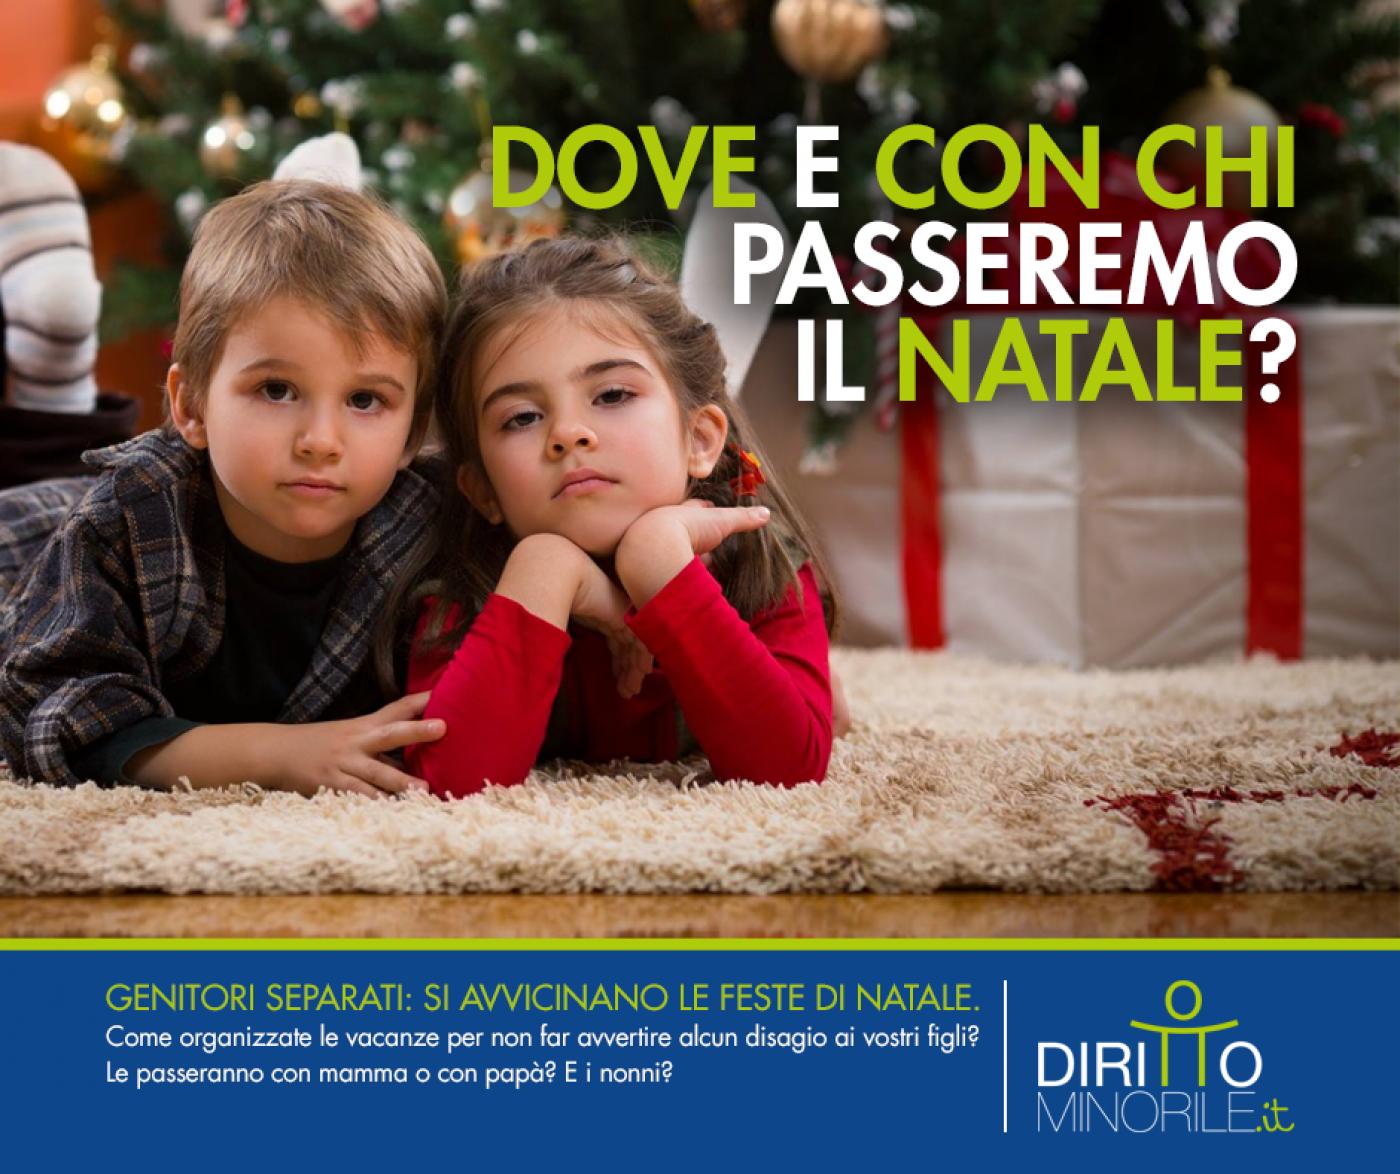 Festività natalizie e diritto di visita, come gestire il Natale tra genitori separati